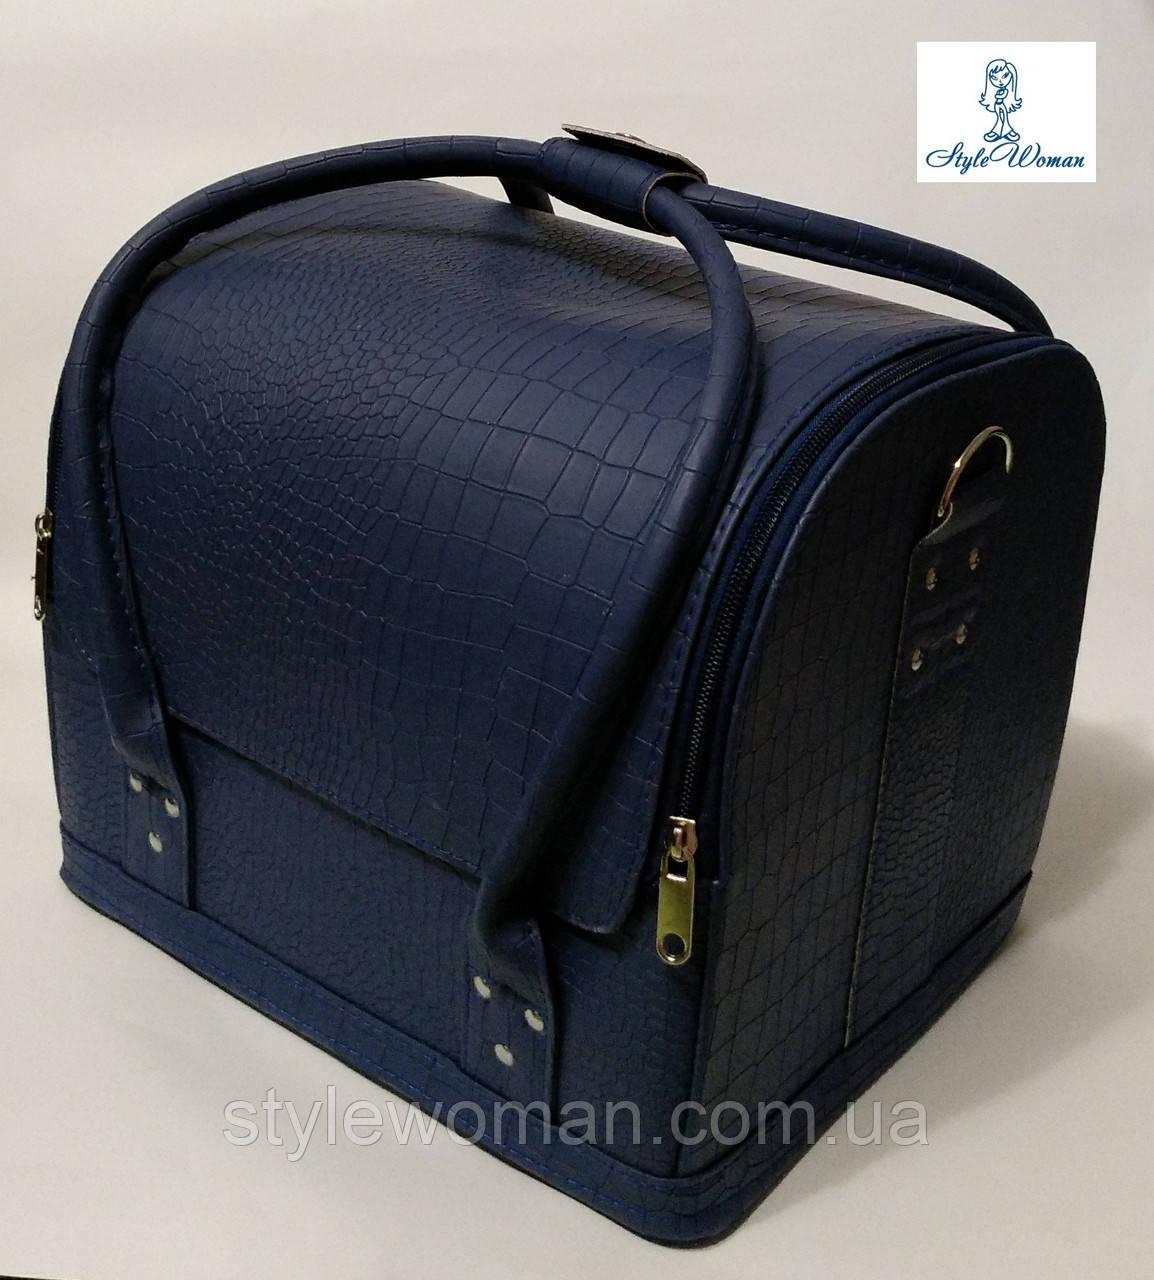 Б'юті кейс валізу для майстри салонів краси з шкірозамінника на змійці синій крокодил